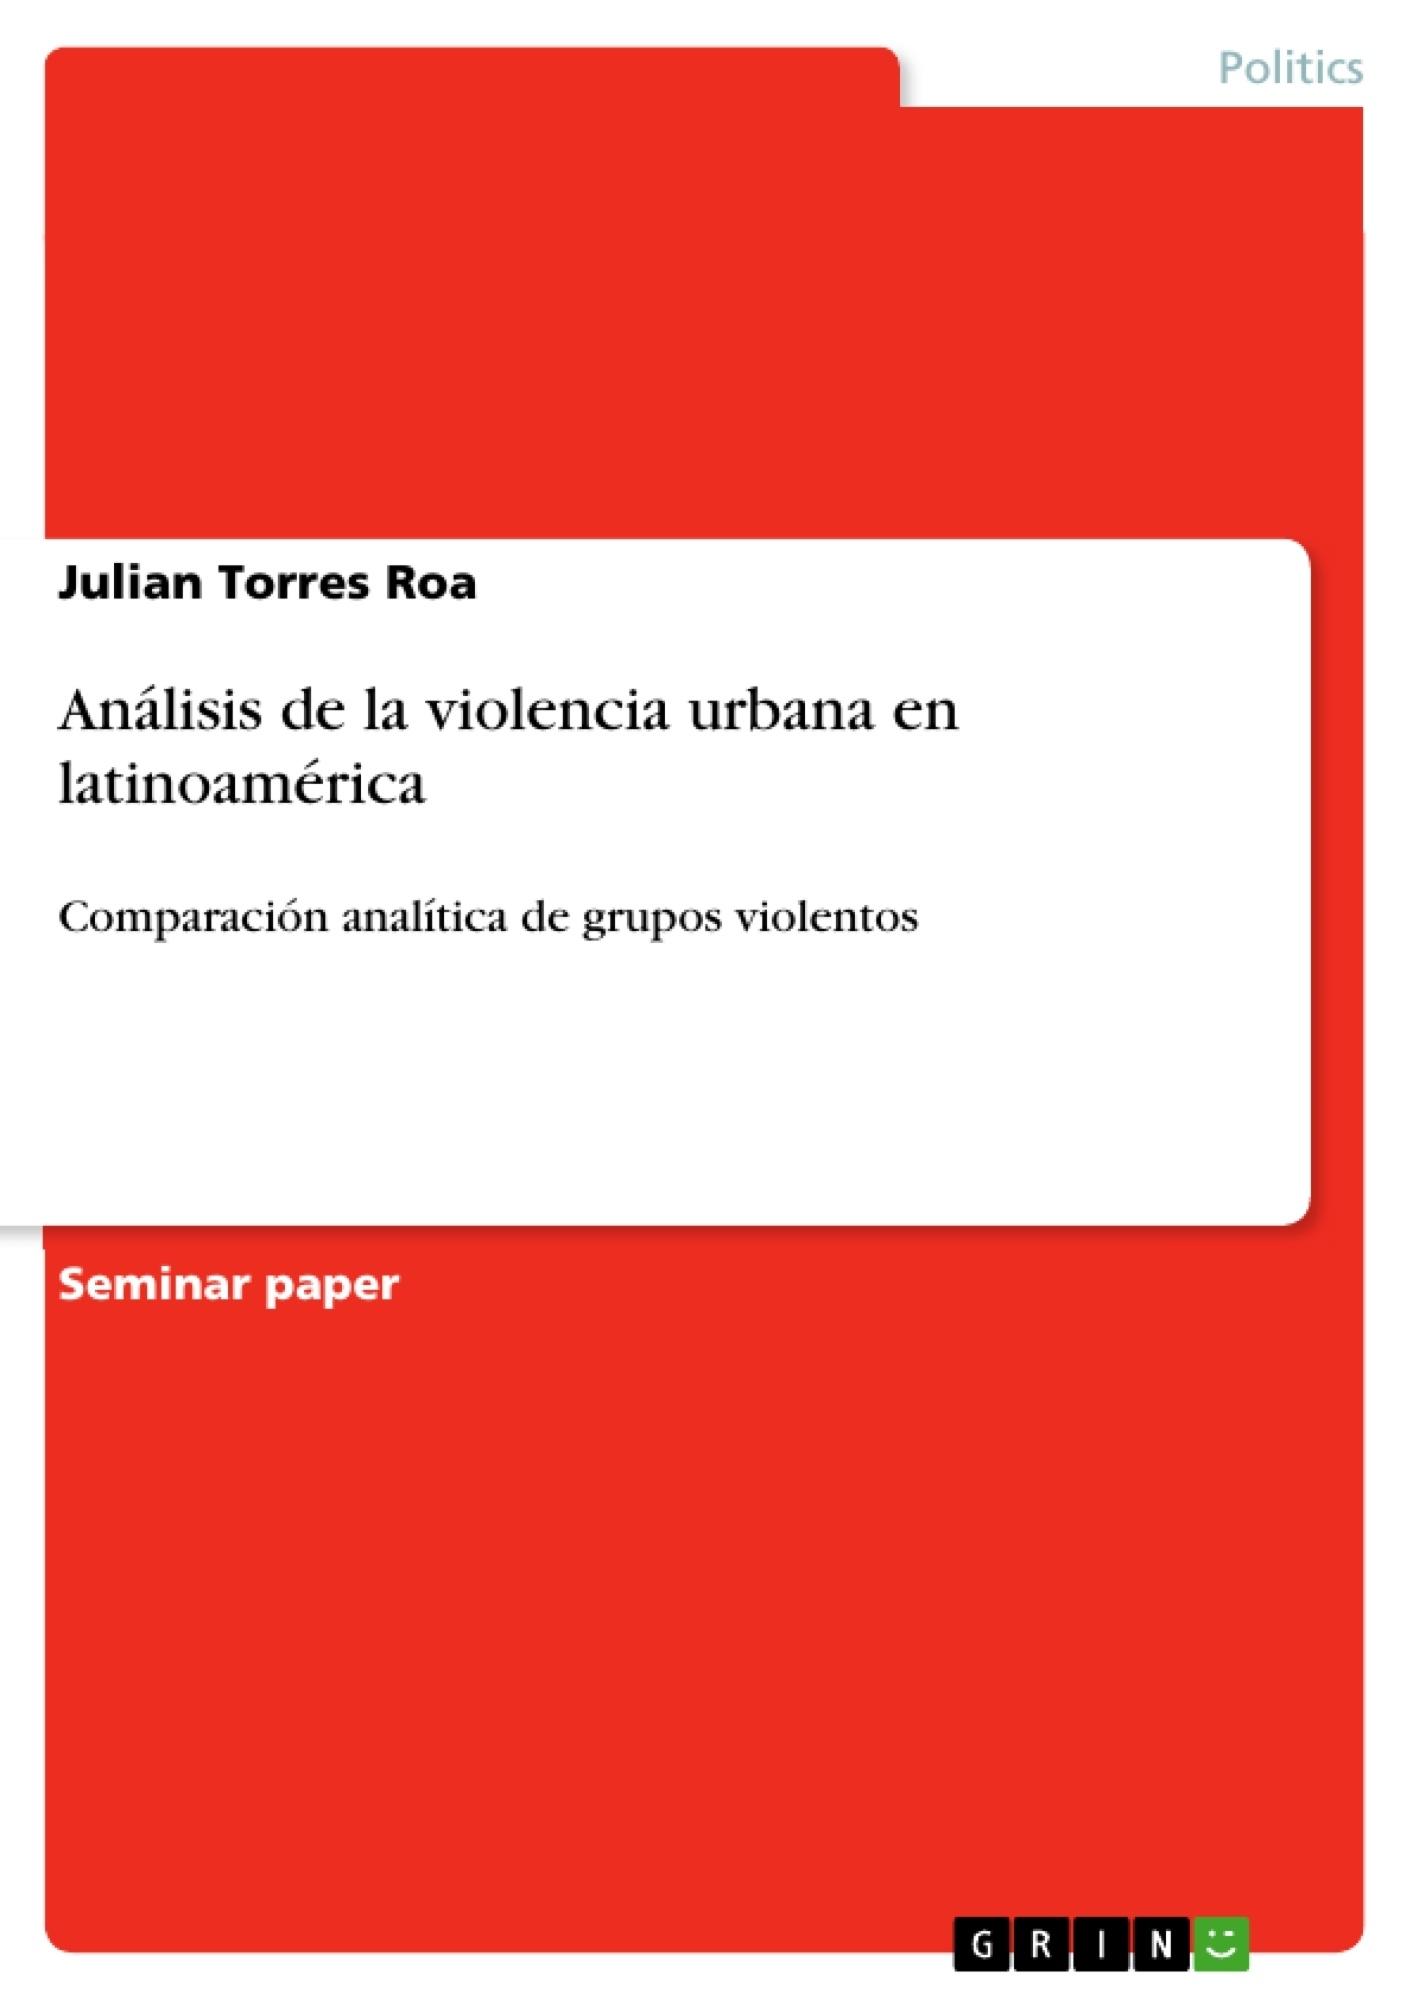 Título: Análisis de la violencia urbana en latinoamérica